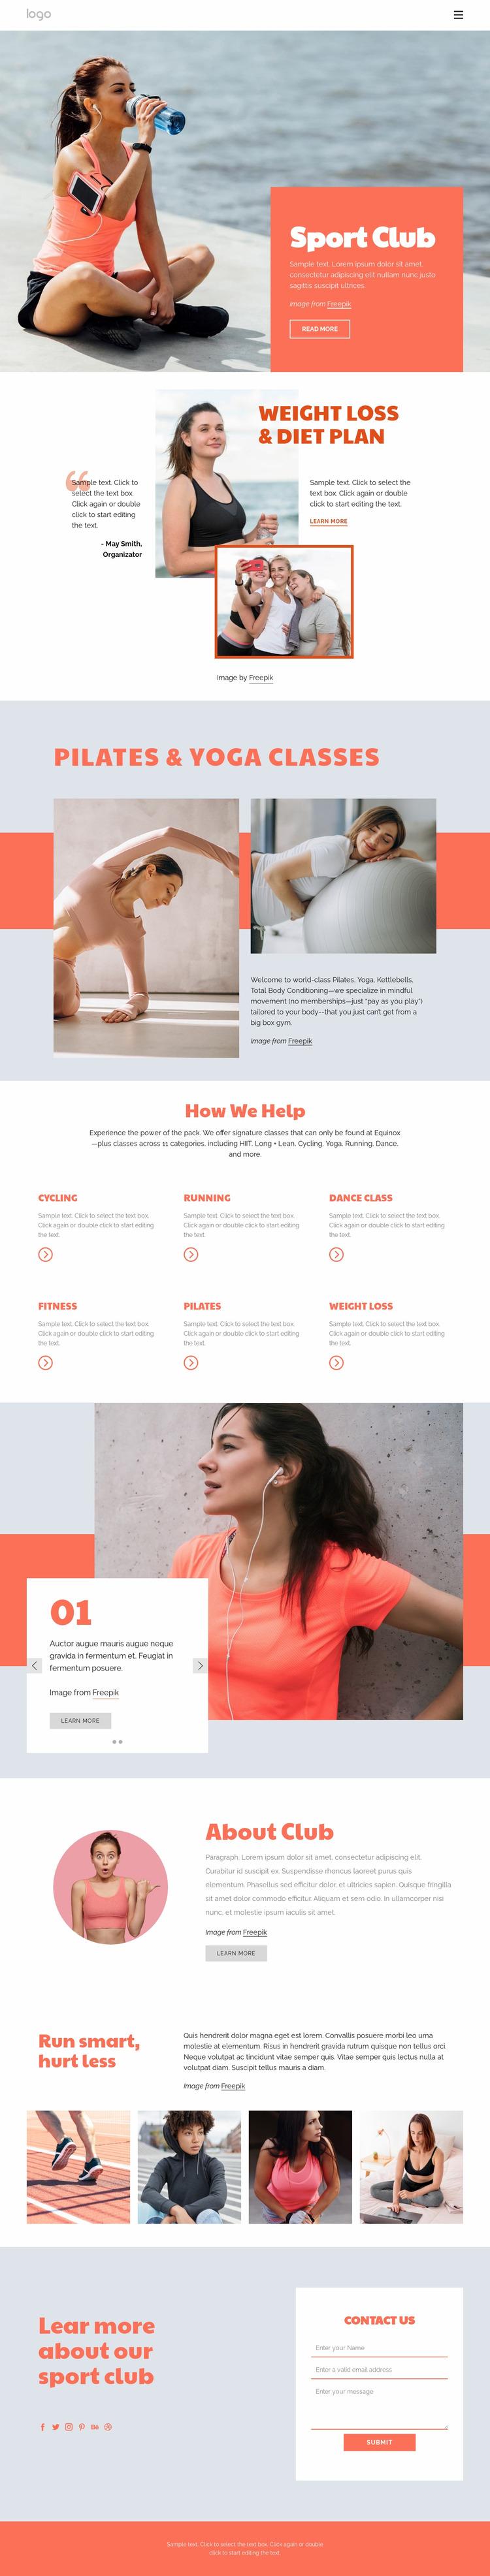 Pilates vs yoga Html Website Builder